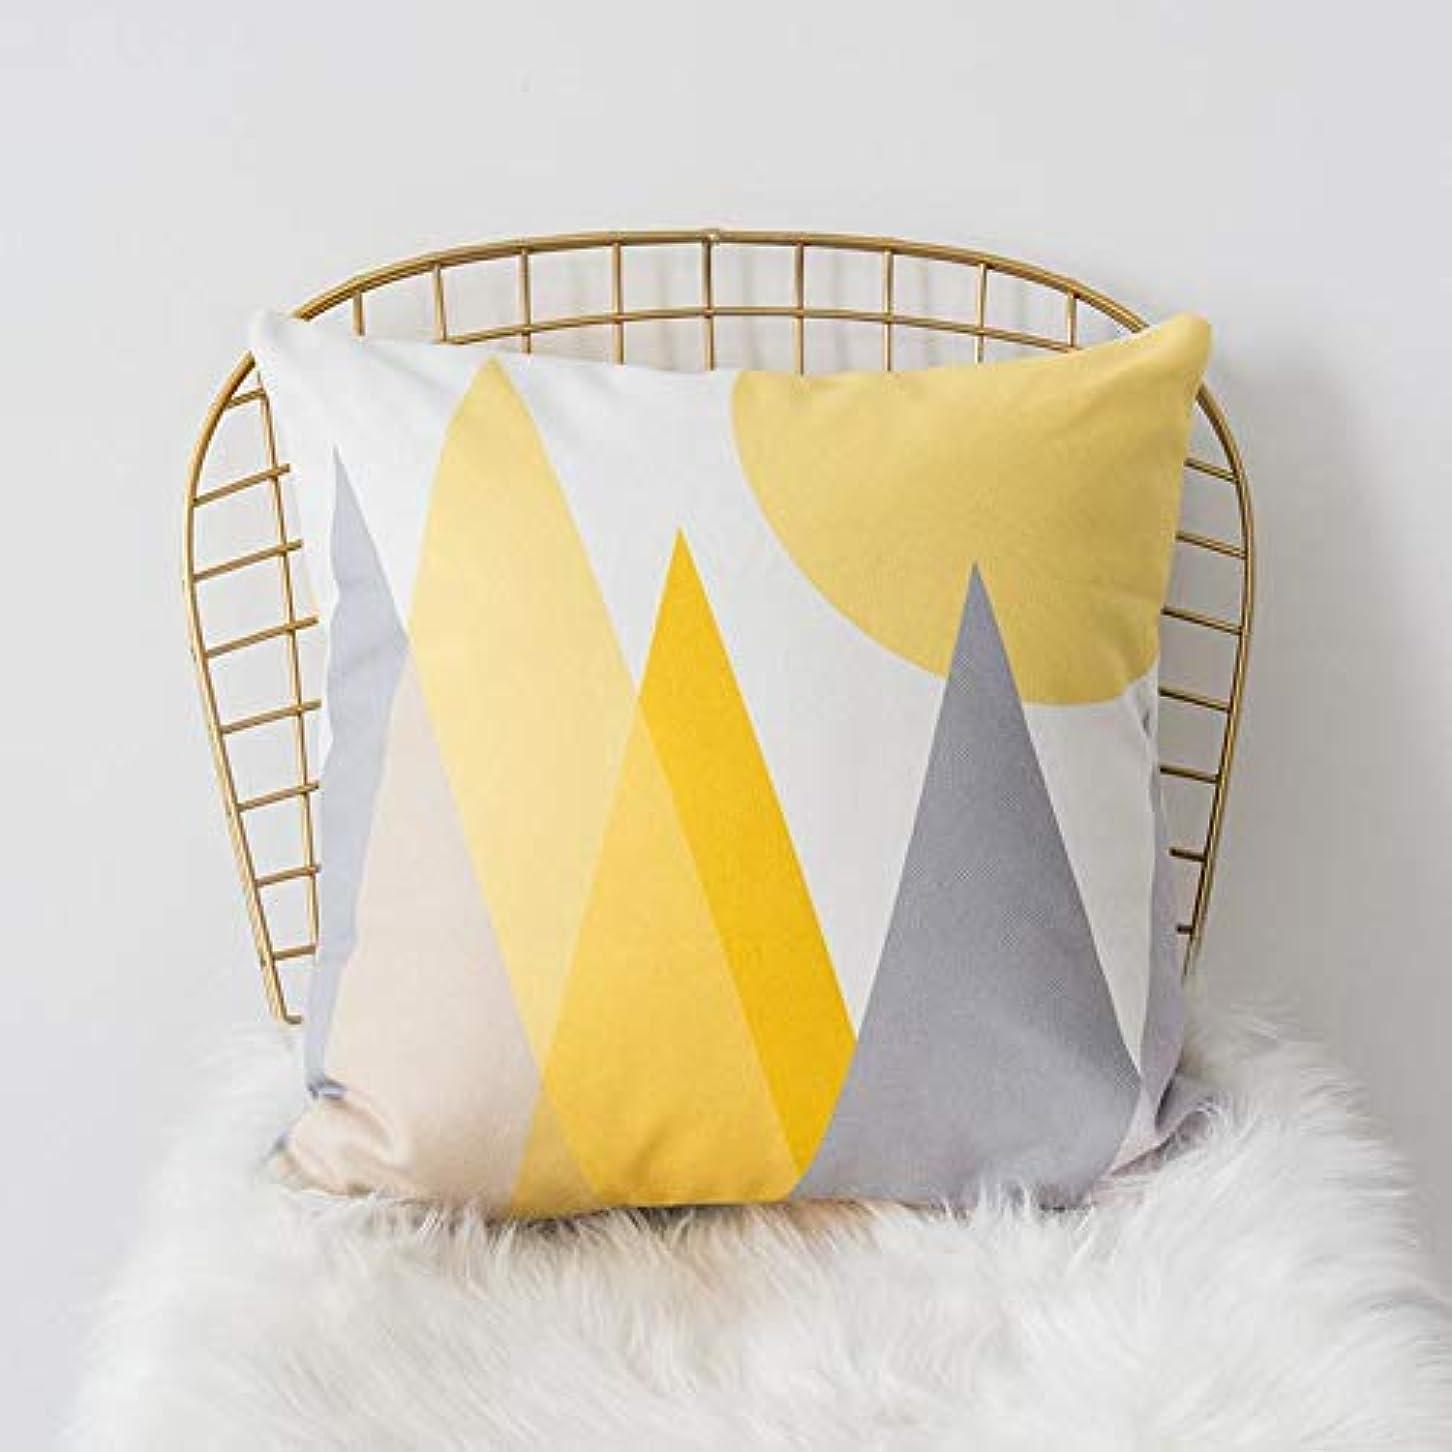 ただコスト癌SMART 黄色グレー枕北欧スタイル黄色ヘラジカ幾何枕リビングルームのインテリアソファクッション Cojines 装飾良質 クッション 椅子